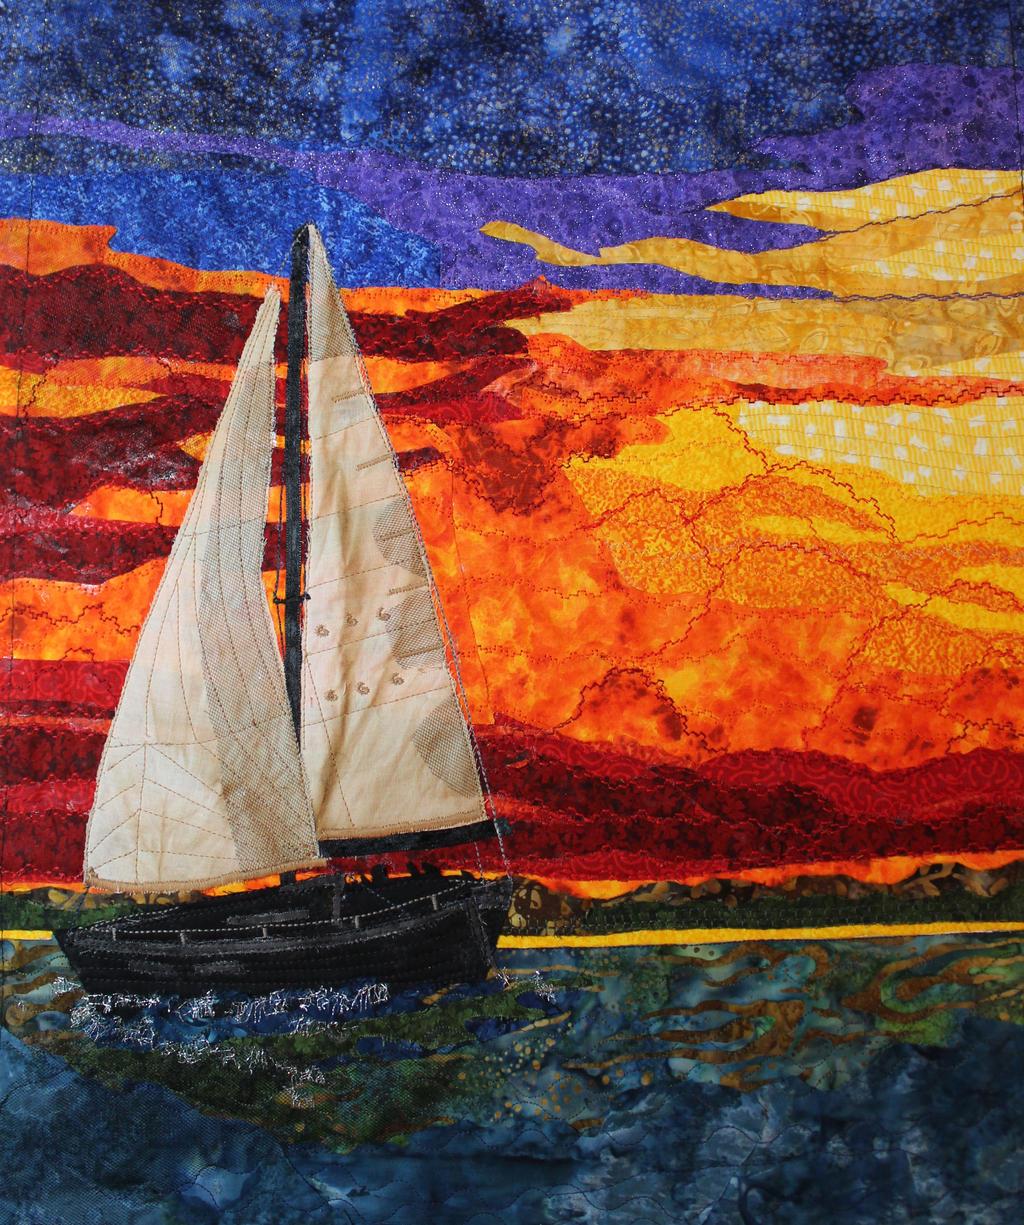 Sailboat at Sunset - a fabric art piece